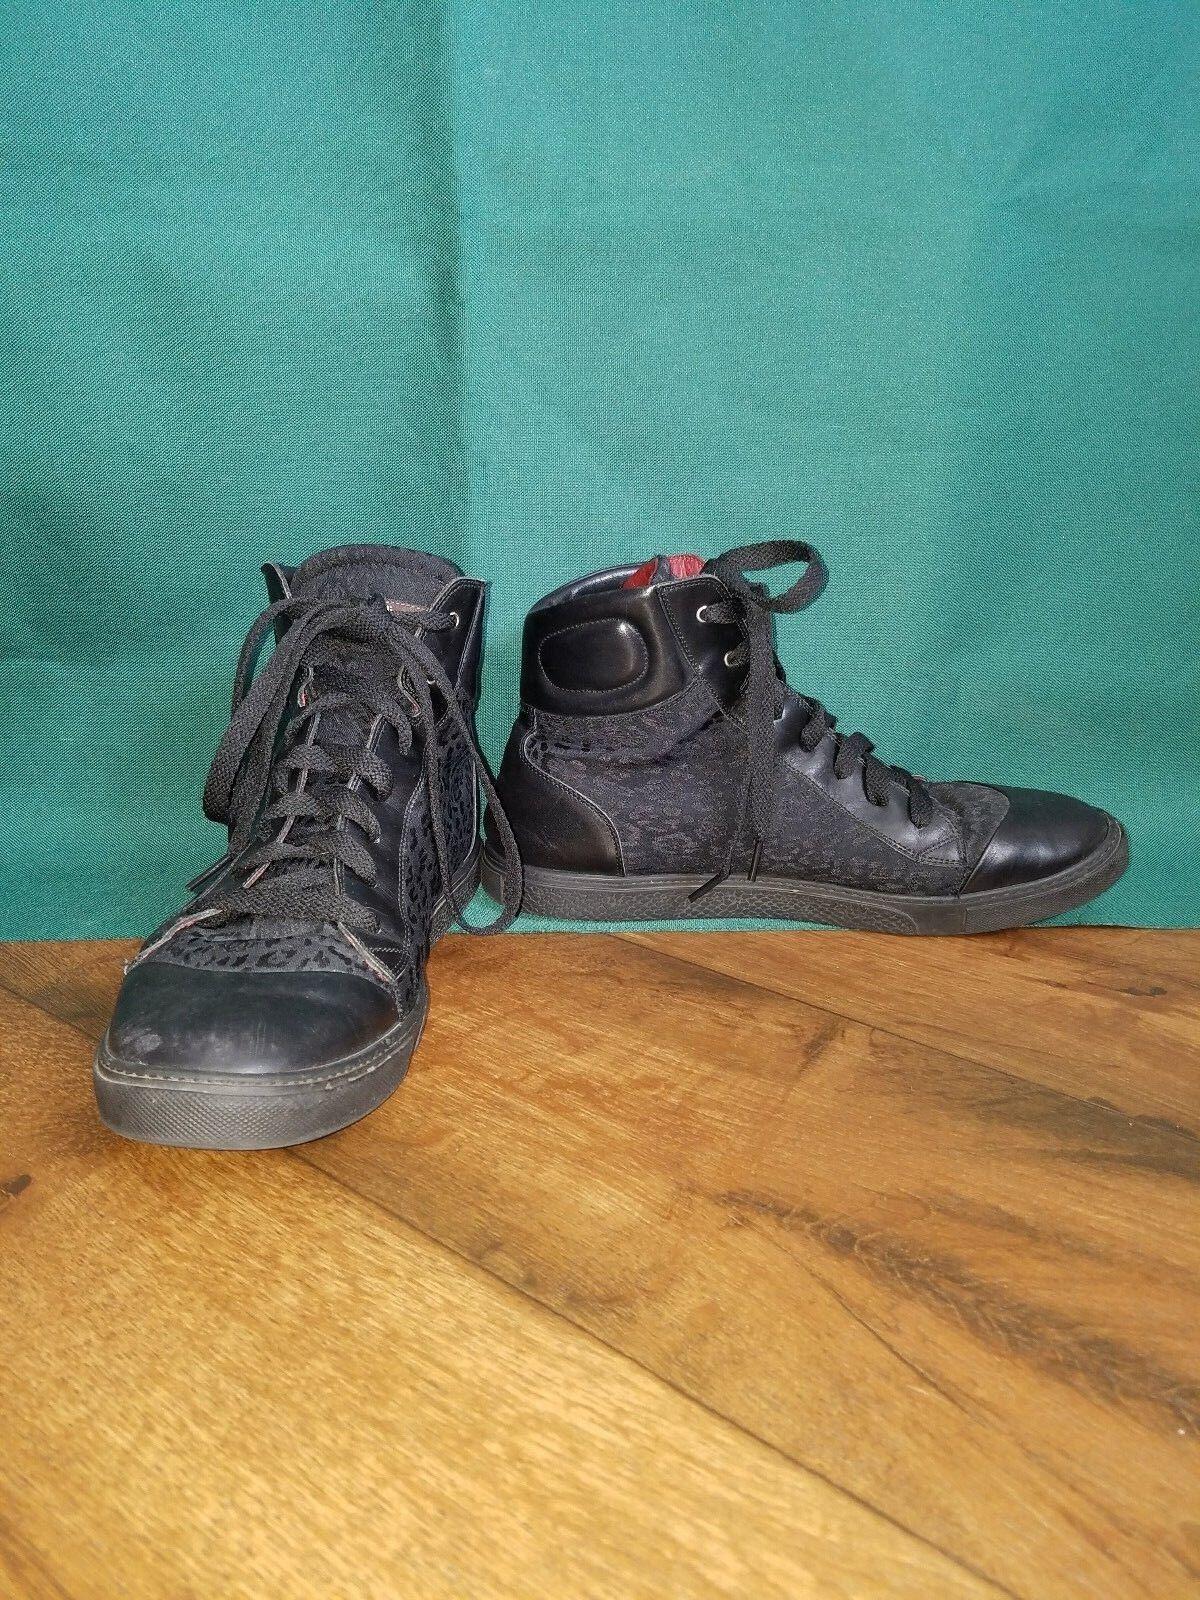 Roberto Cavalli Men's Sz 44 Leather Navy High Top Sneaker I